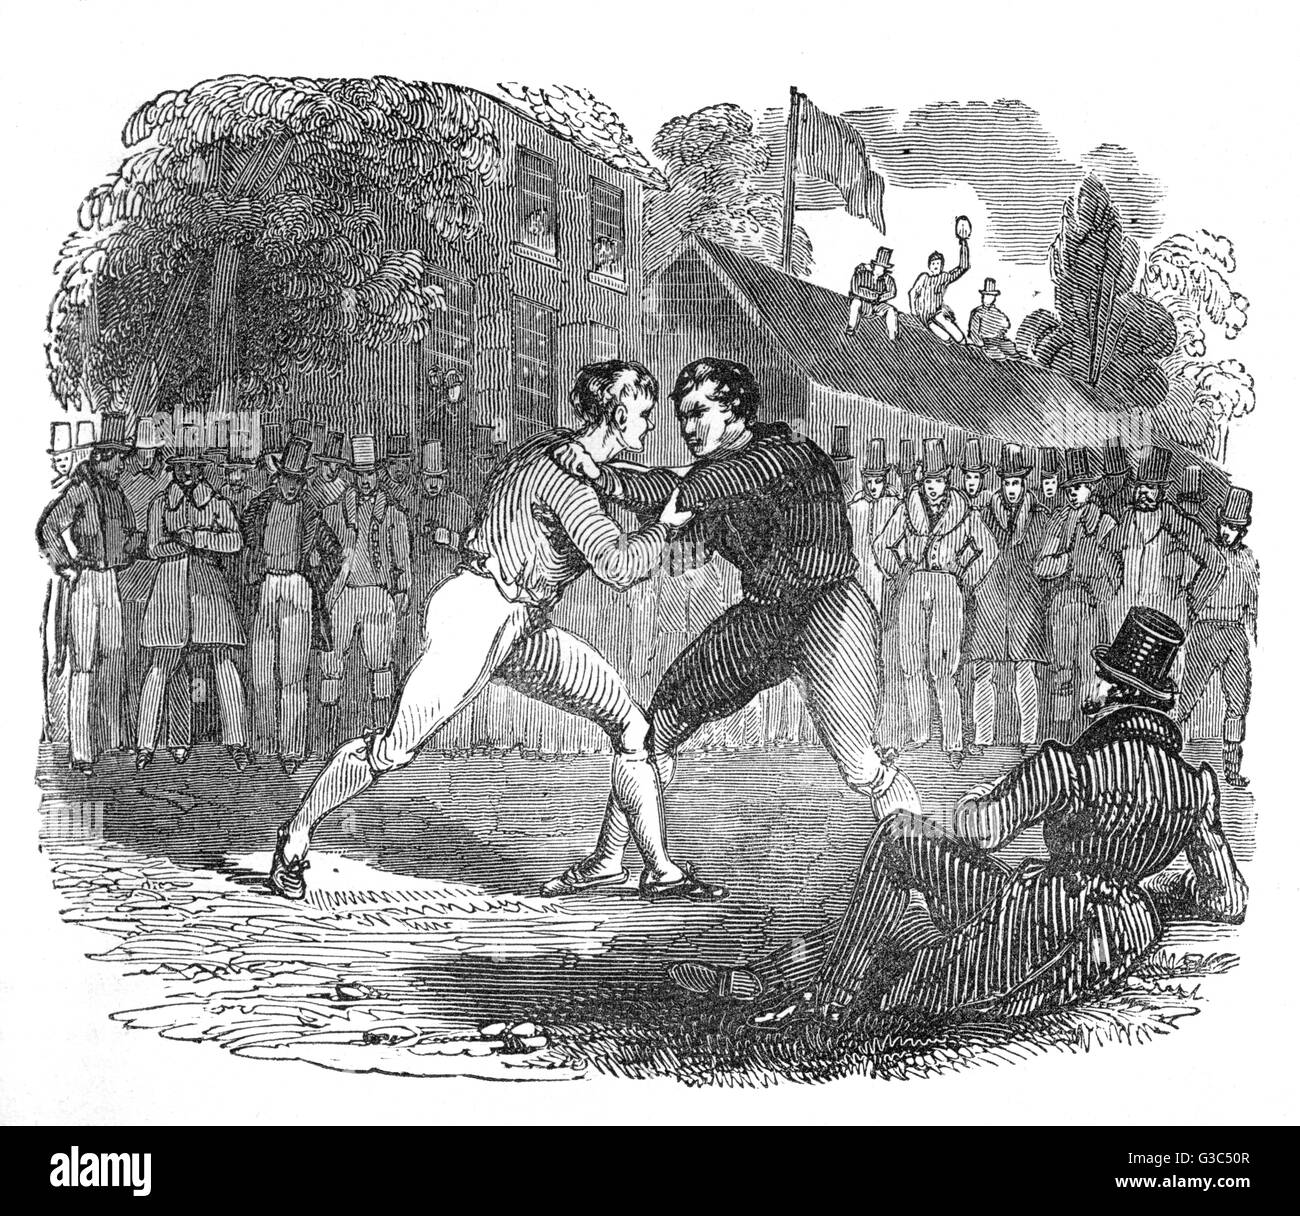 Illustrazione, due uomini wrestling all'aria aperta, guardato da un cerchio di spettatori. Data: 1832 Immagini Stock